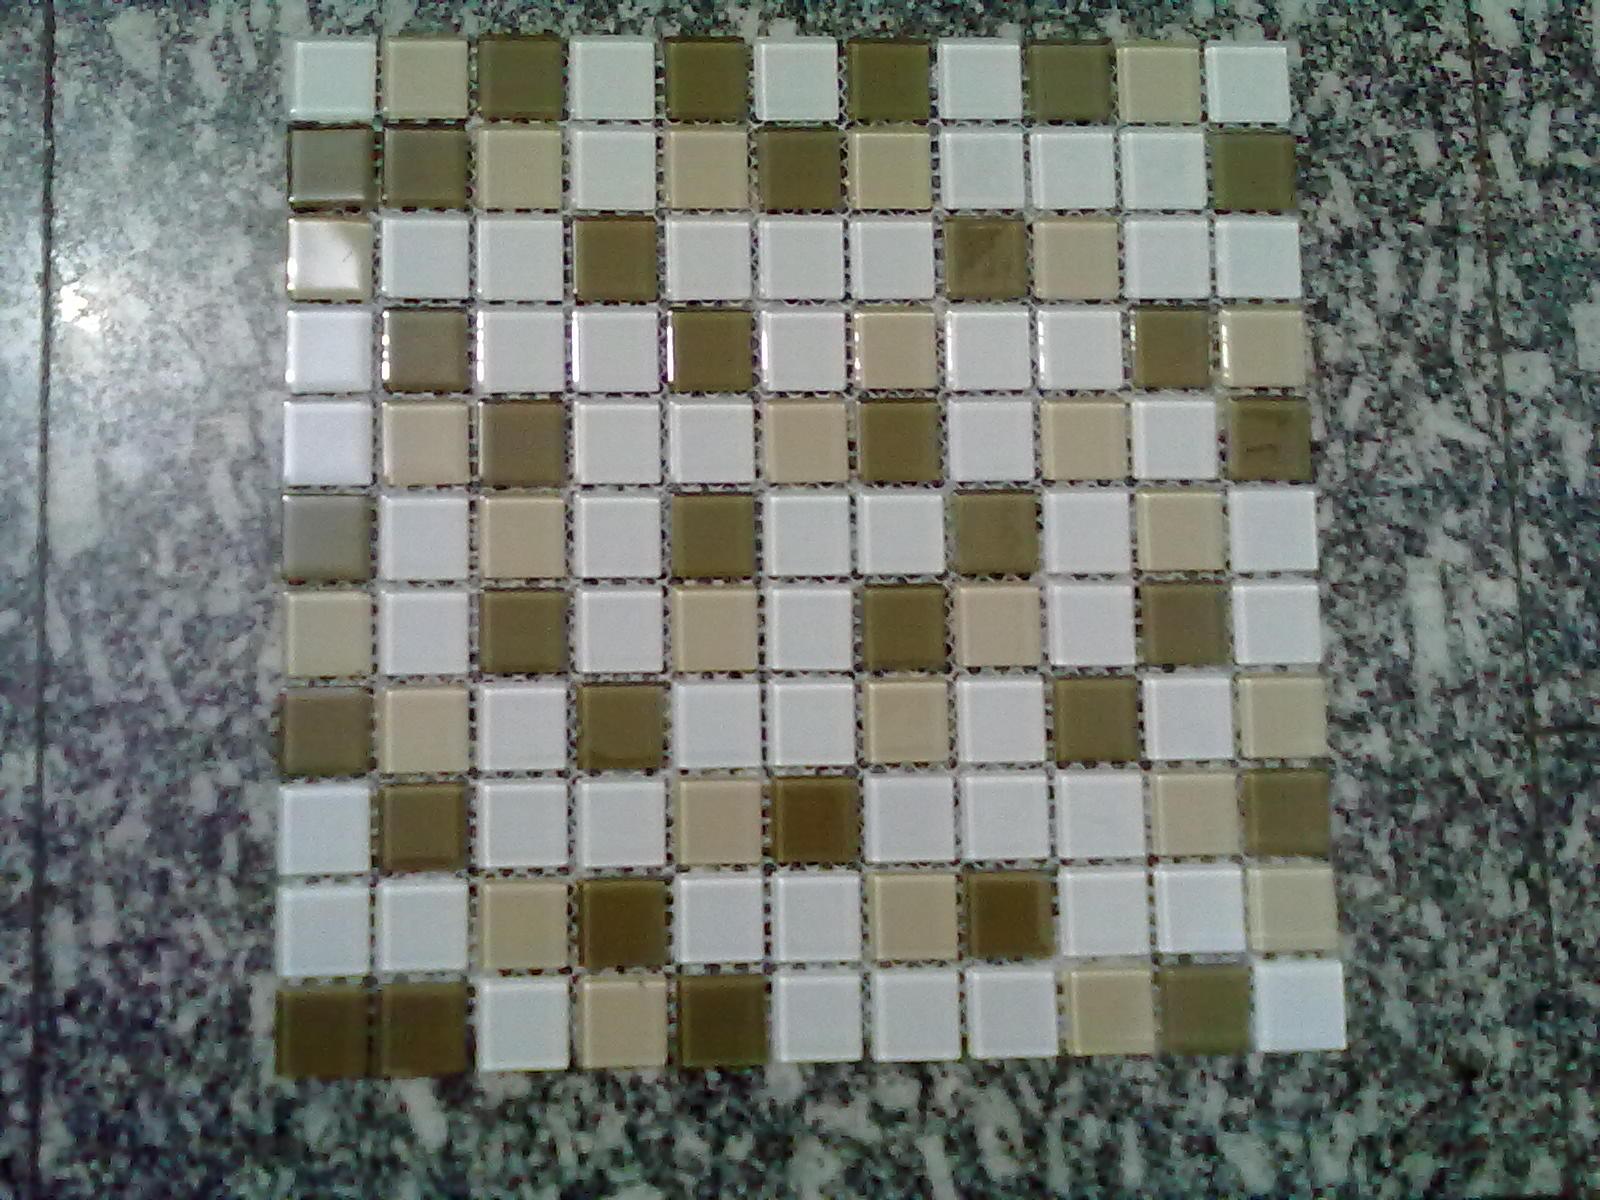 AMBIENTE IDEAL: Nossas pastilhas de vidro #595136 1600x1200 Banheiro Com Pastilha Madreperola